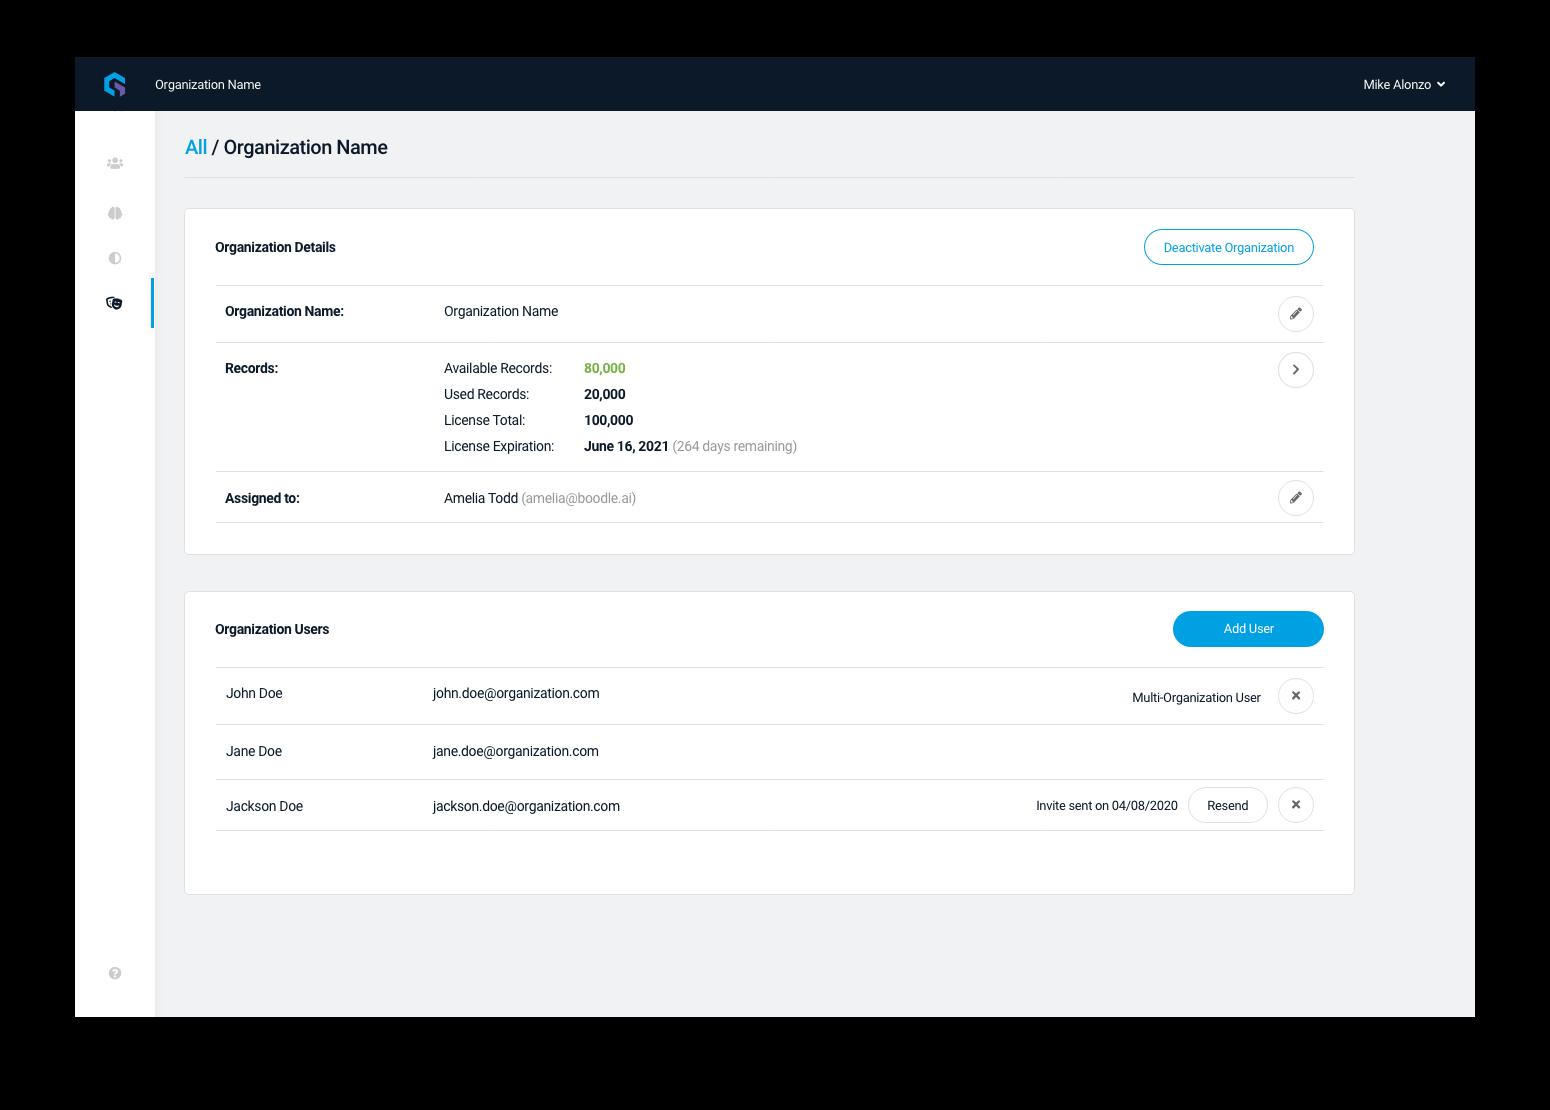 03a Super Admin - add multi org user